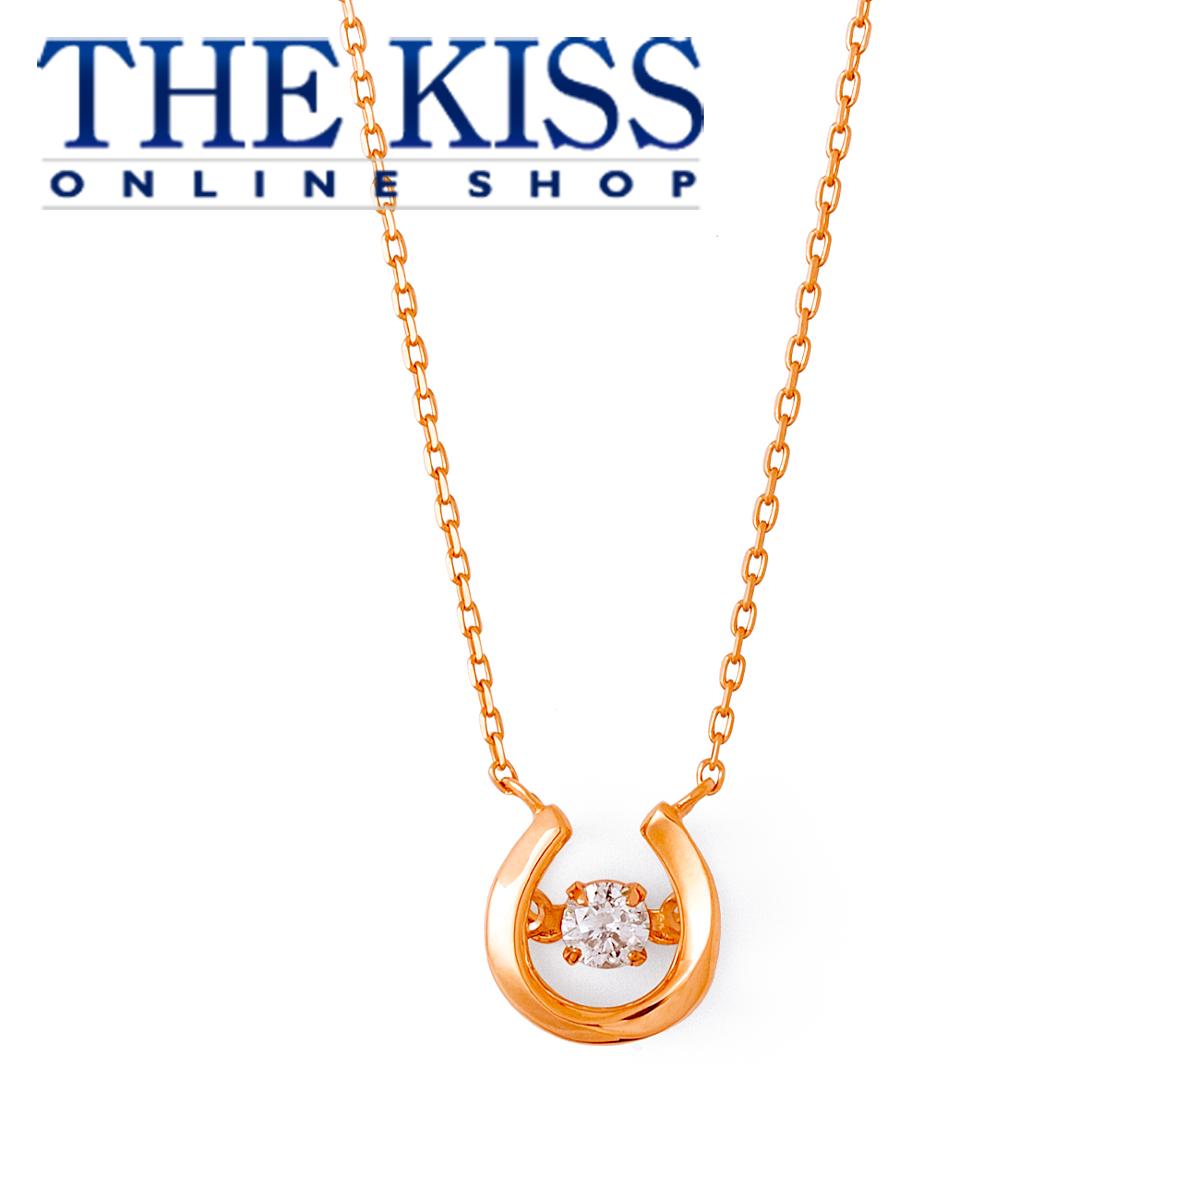 【あす楽対応】ダンシングストーン Dancing Stone 【Twinkling】【送料無料】【THE KISS sweets】 K10ピンクゴールド ダイヤモンド レディース ネックレス 40cm ☆ ダイヤモンド ゴールド レディース ネックレス 首飾り ブランド Ladies Necklace